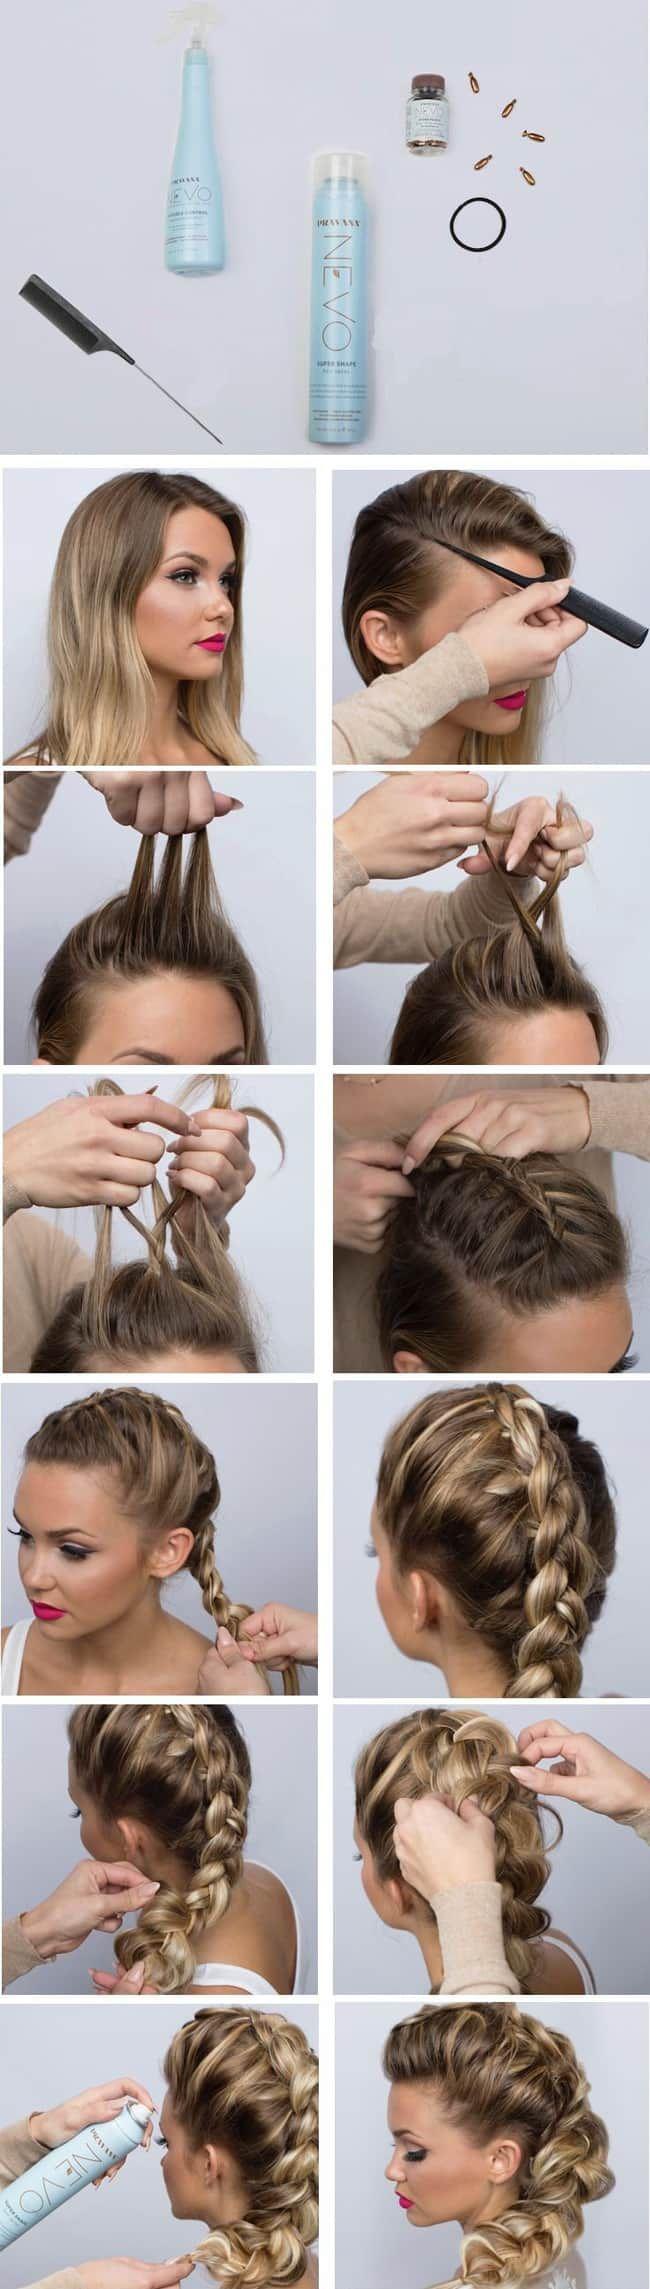 как сделать быстро прическу на средние волосы своими руками